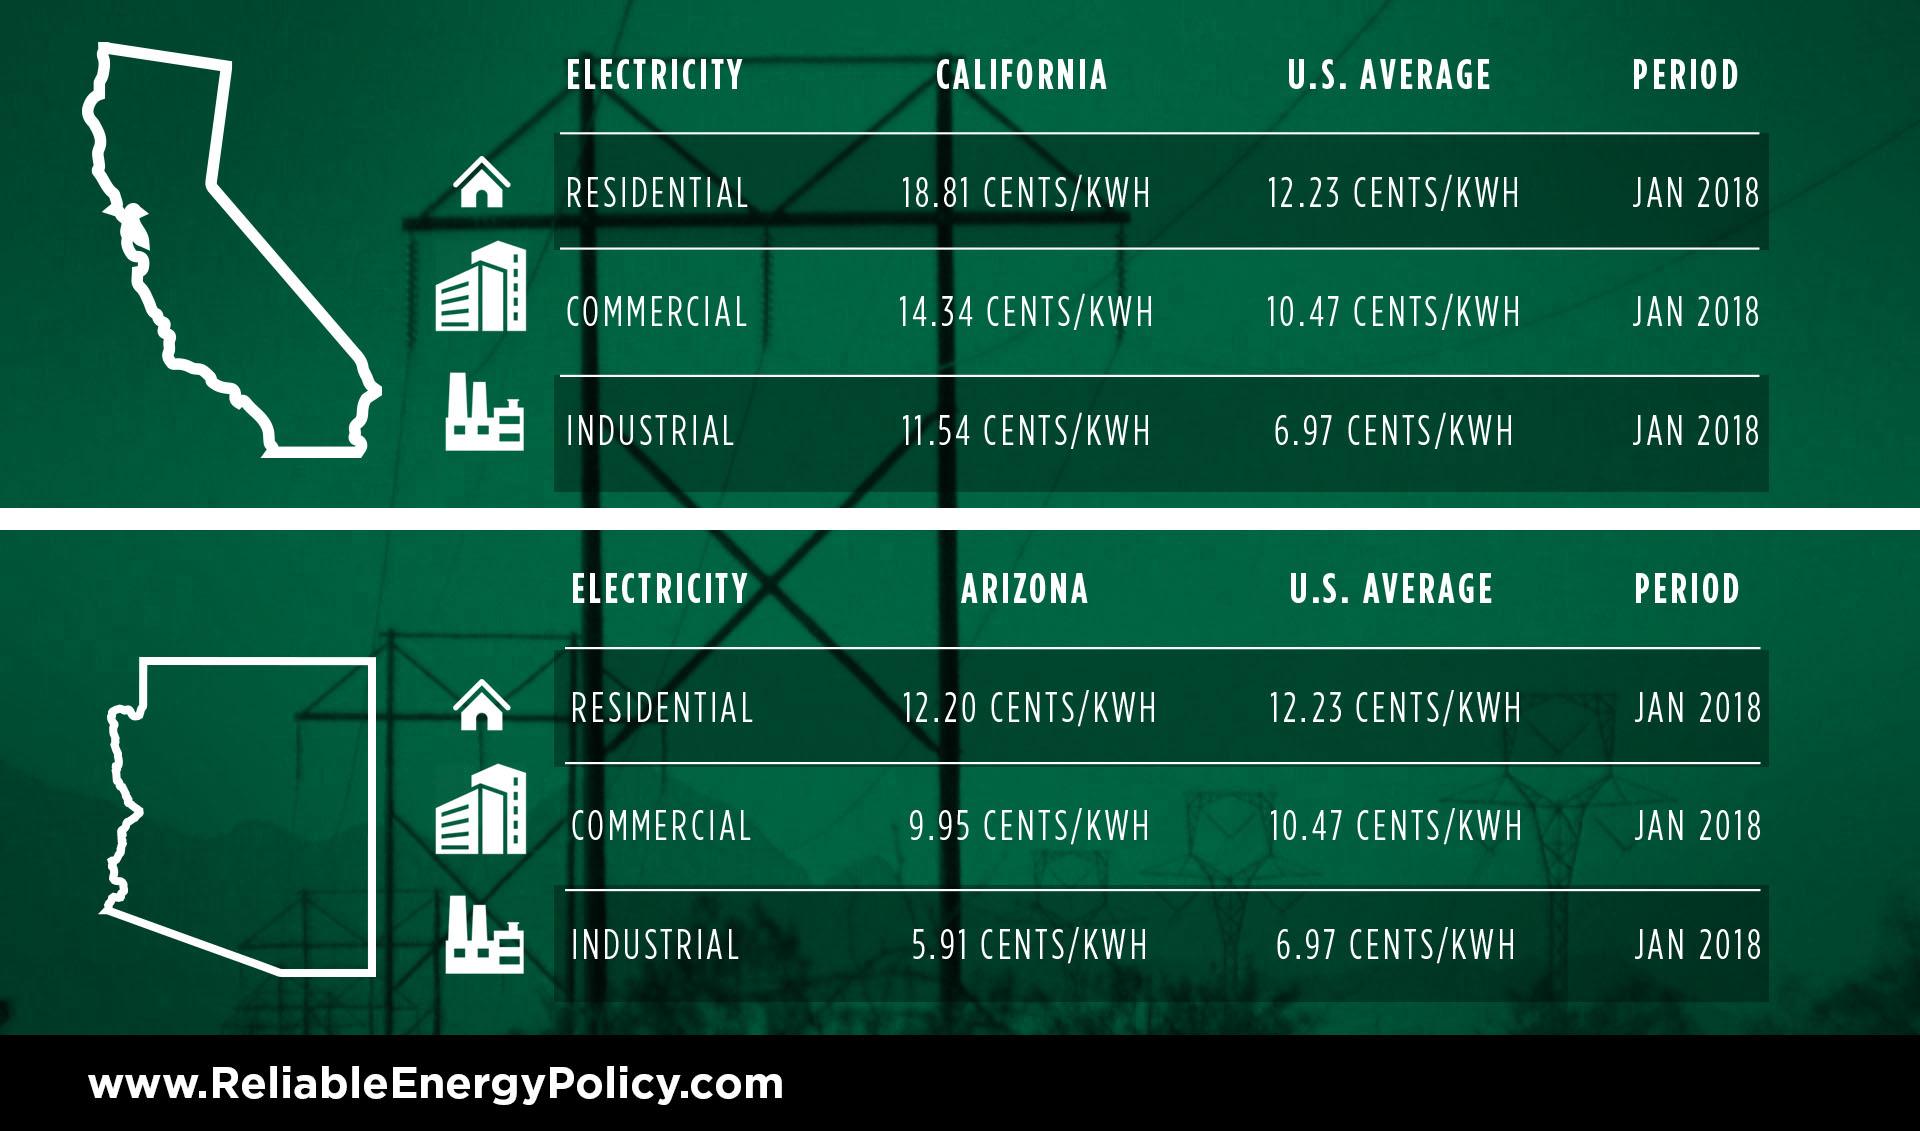 Energy Usage California Vs United States Average